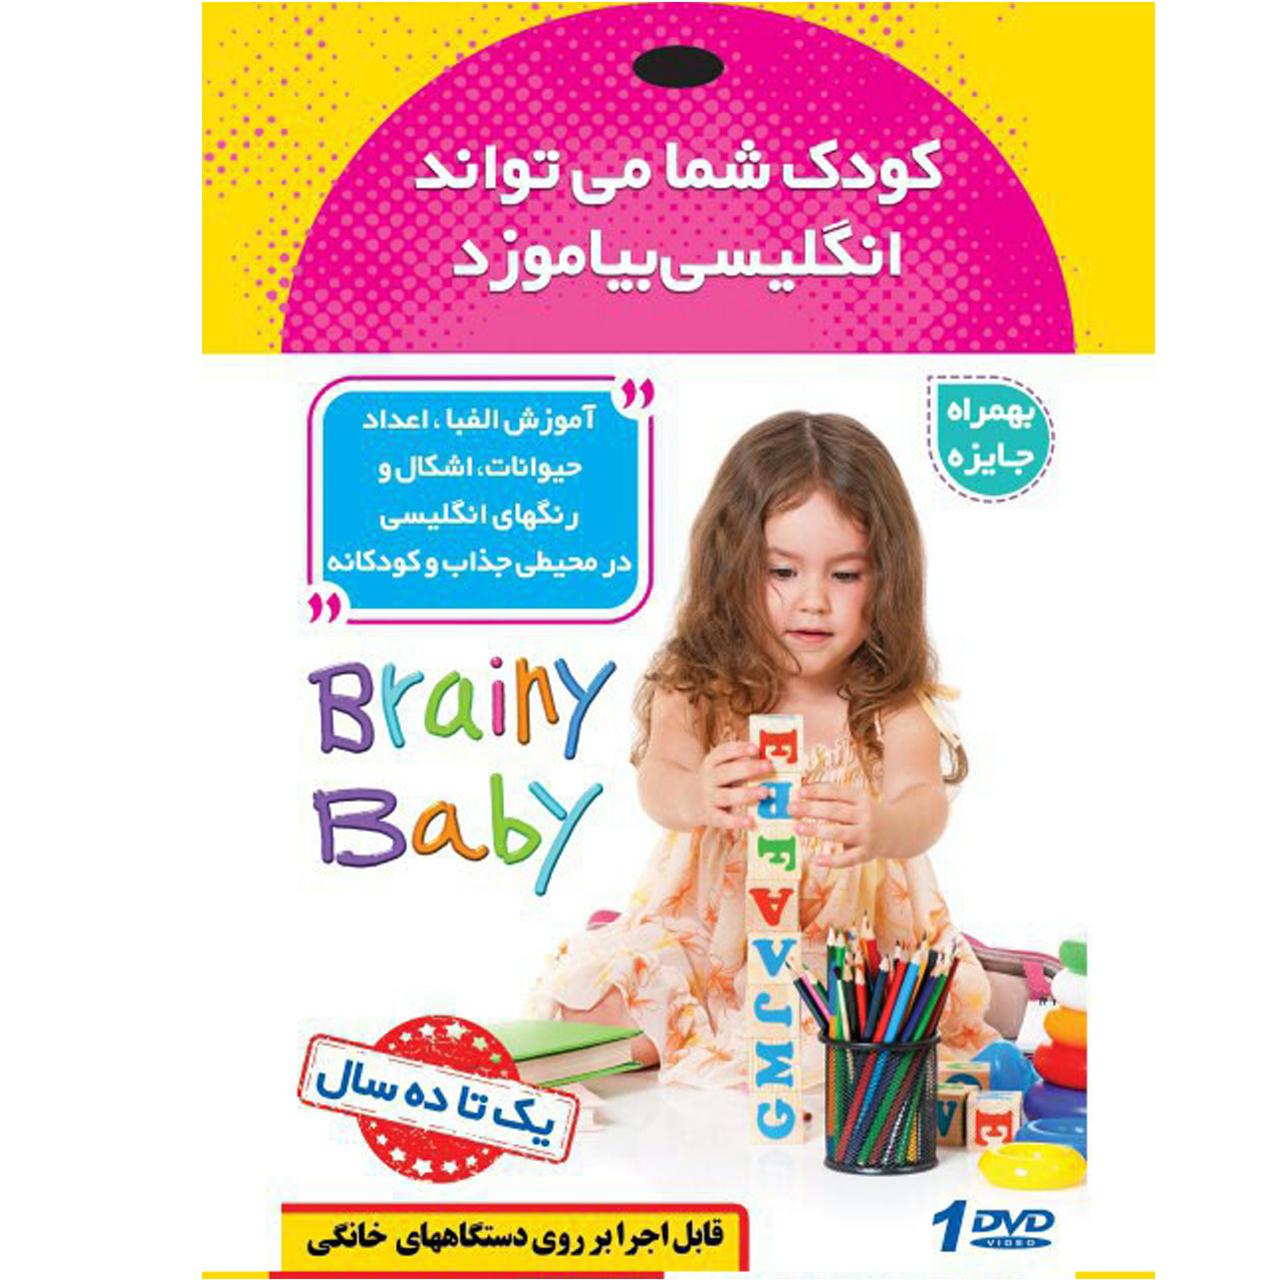 نرم افزار آموزشی کودک شما میتواند انگلیسی بخواند نشر زیباپرداز